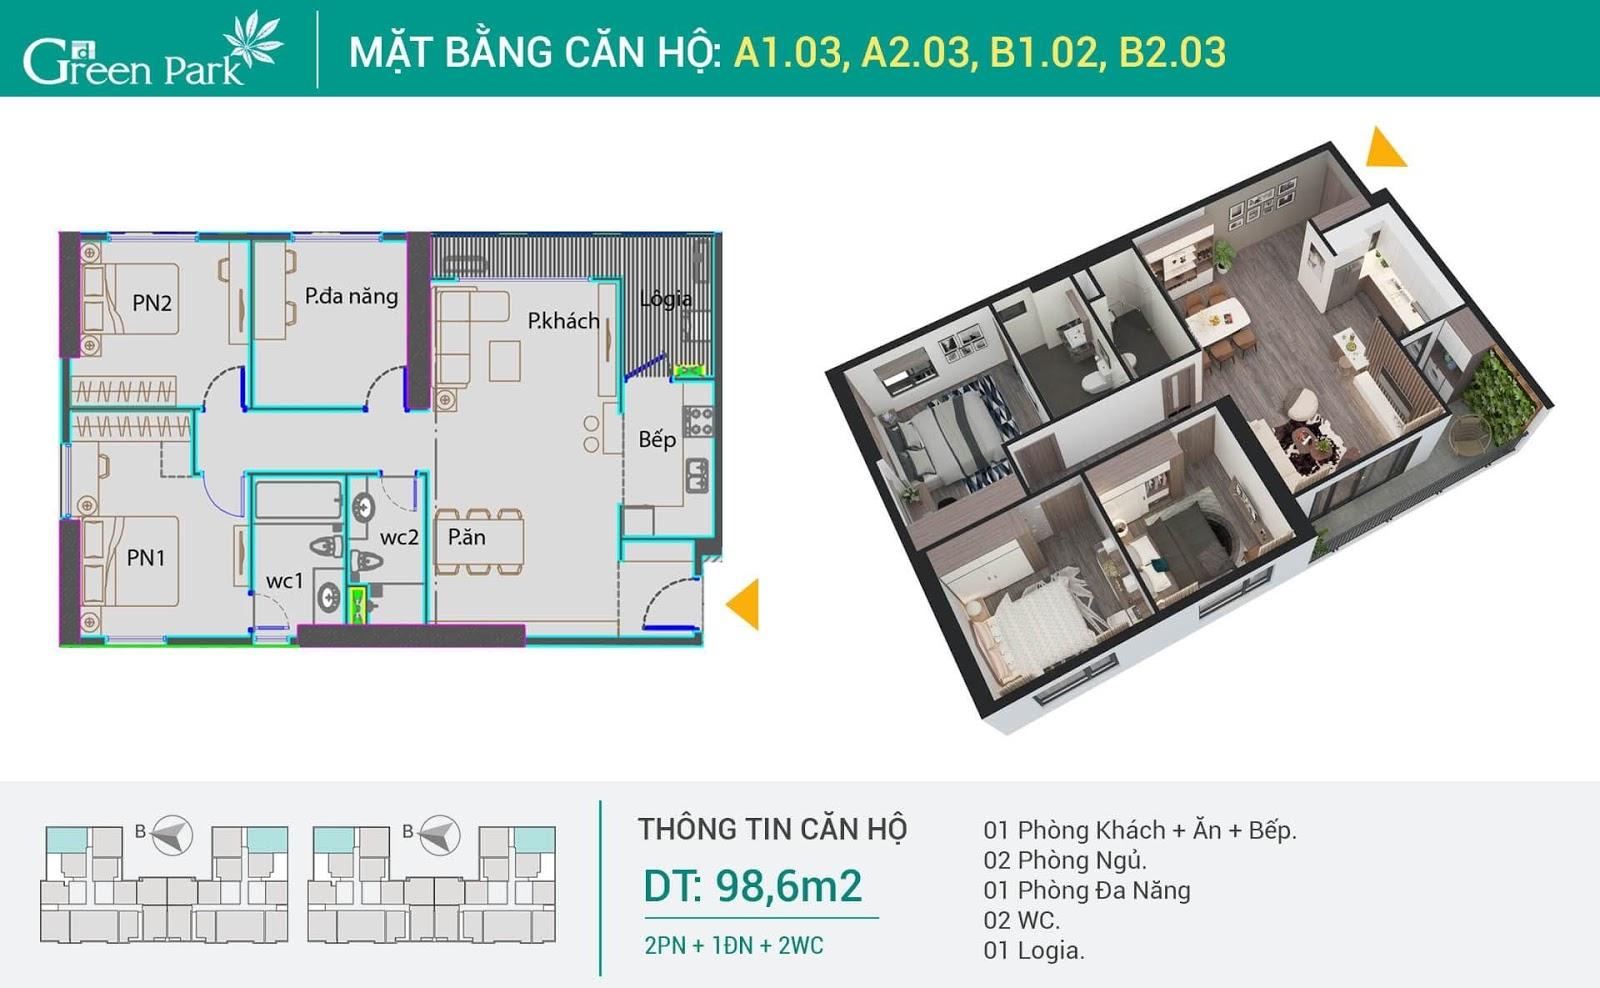 Thiết kế căn 3 phòng ngủ dự án Phương Đông Green Park